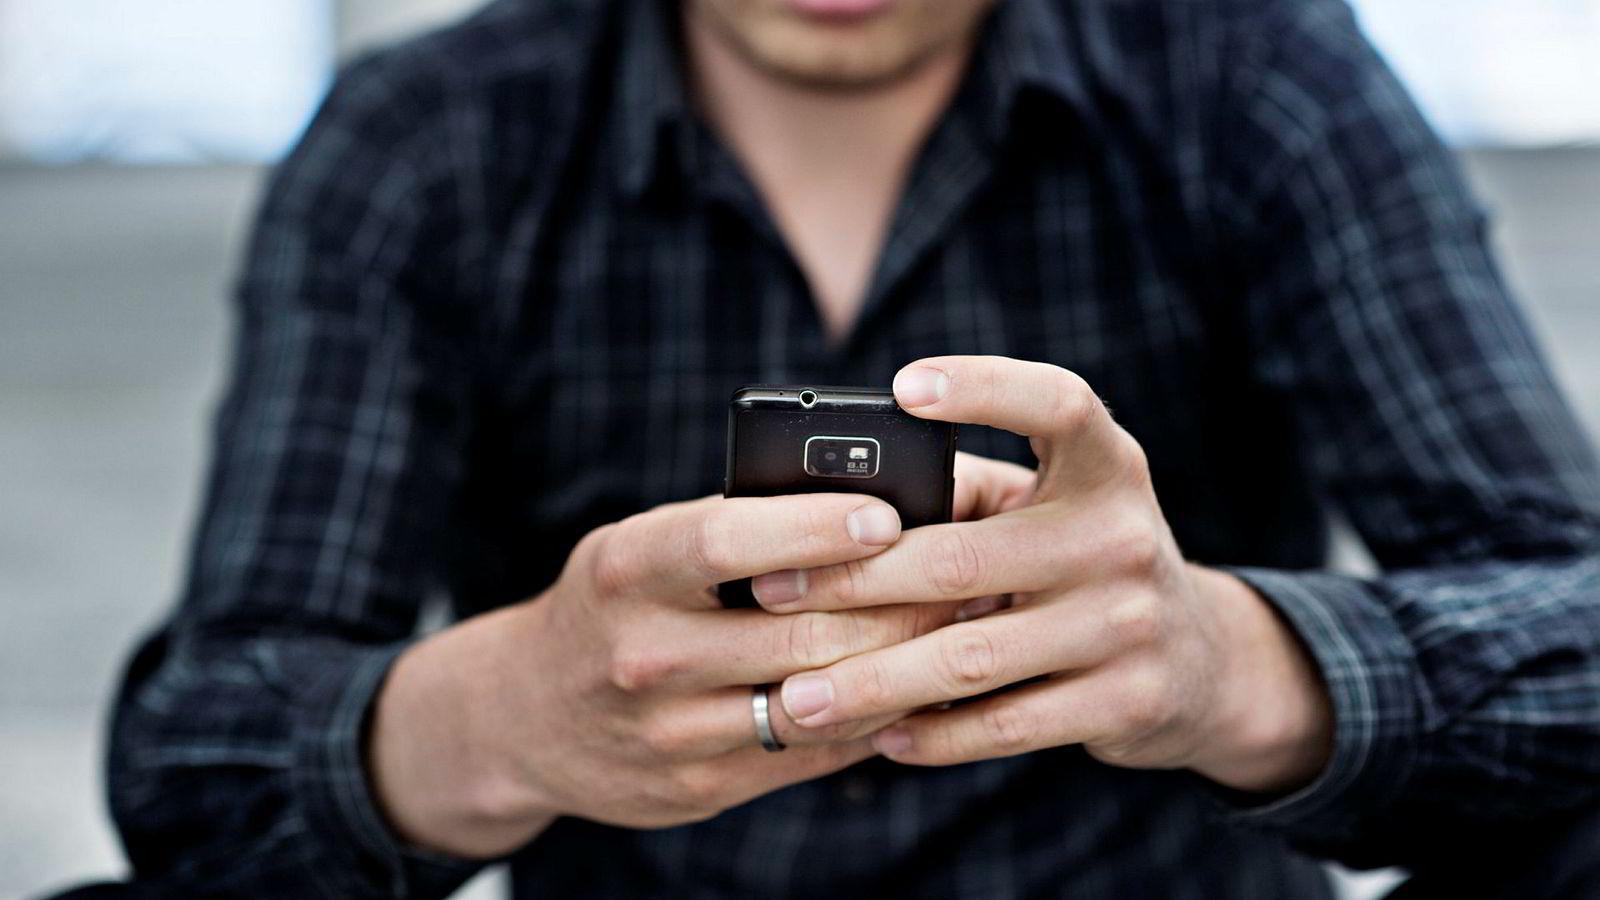 De fleste av oss prøver å begrense mobilbruken, og mange mener den distraheres oss fra å gjøre andre oppgaver, ifølge undersøkelsen.